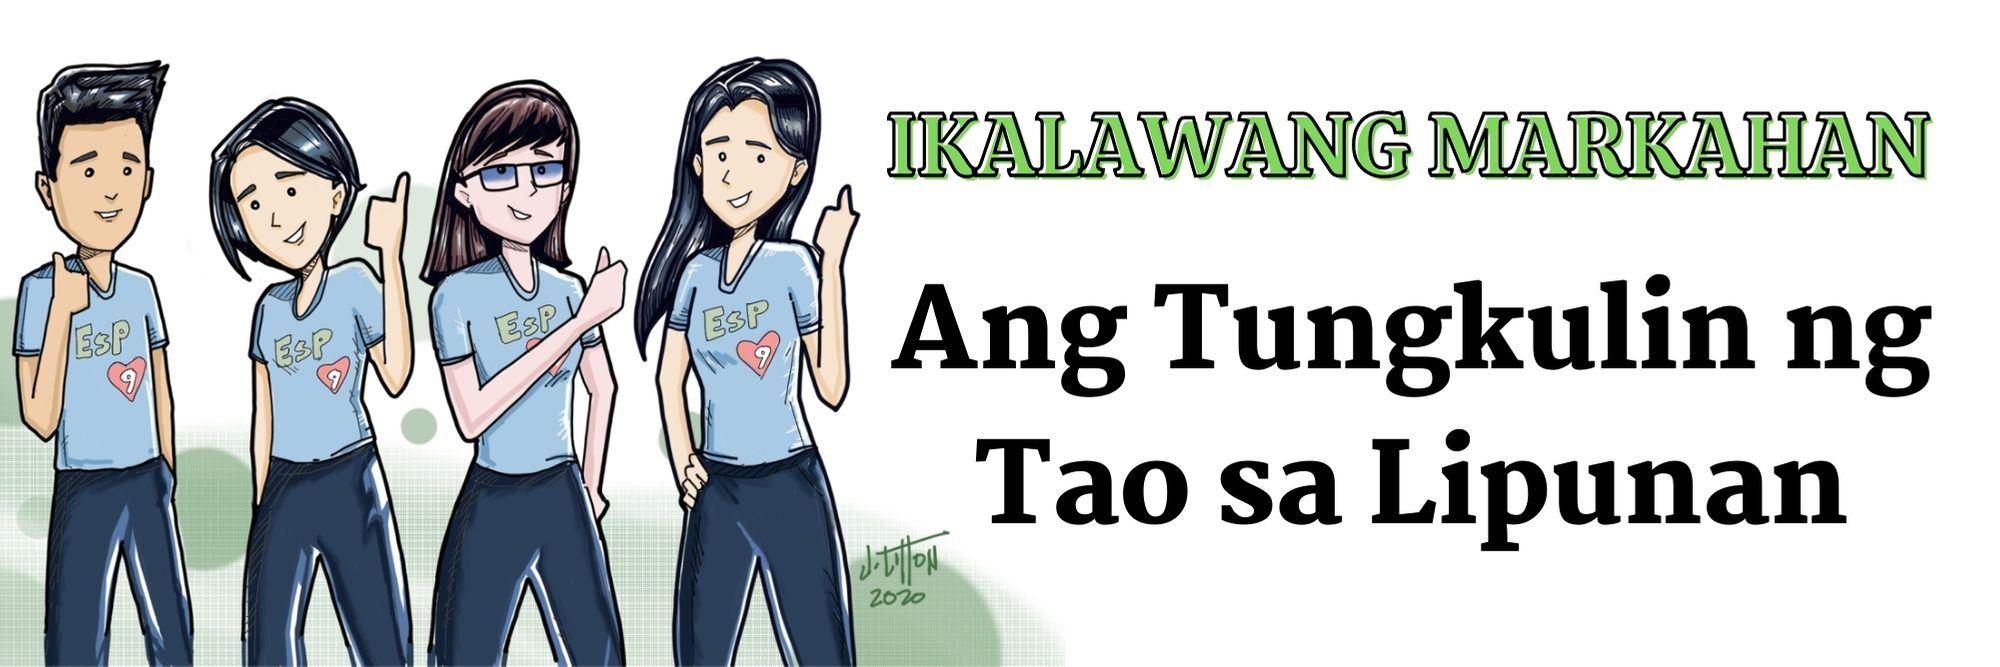 G9 - Edukasyon sa Pagpapakatao - Ikalawang Markahan: Ang Tungkulin ng Tao sa Lipunan copy 2